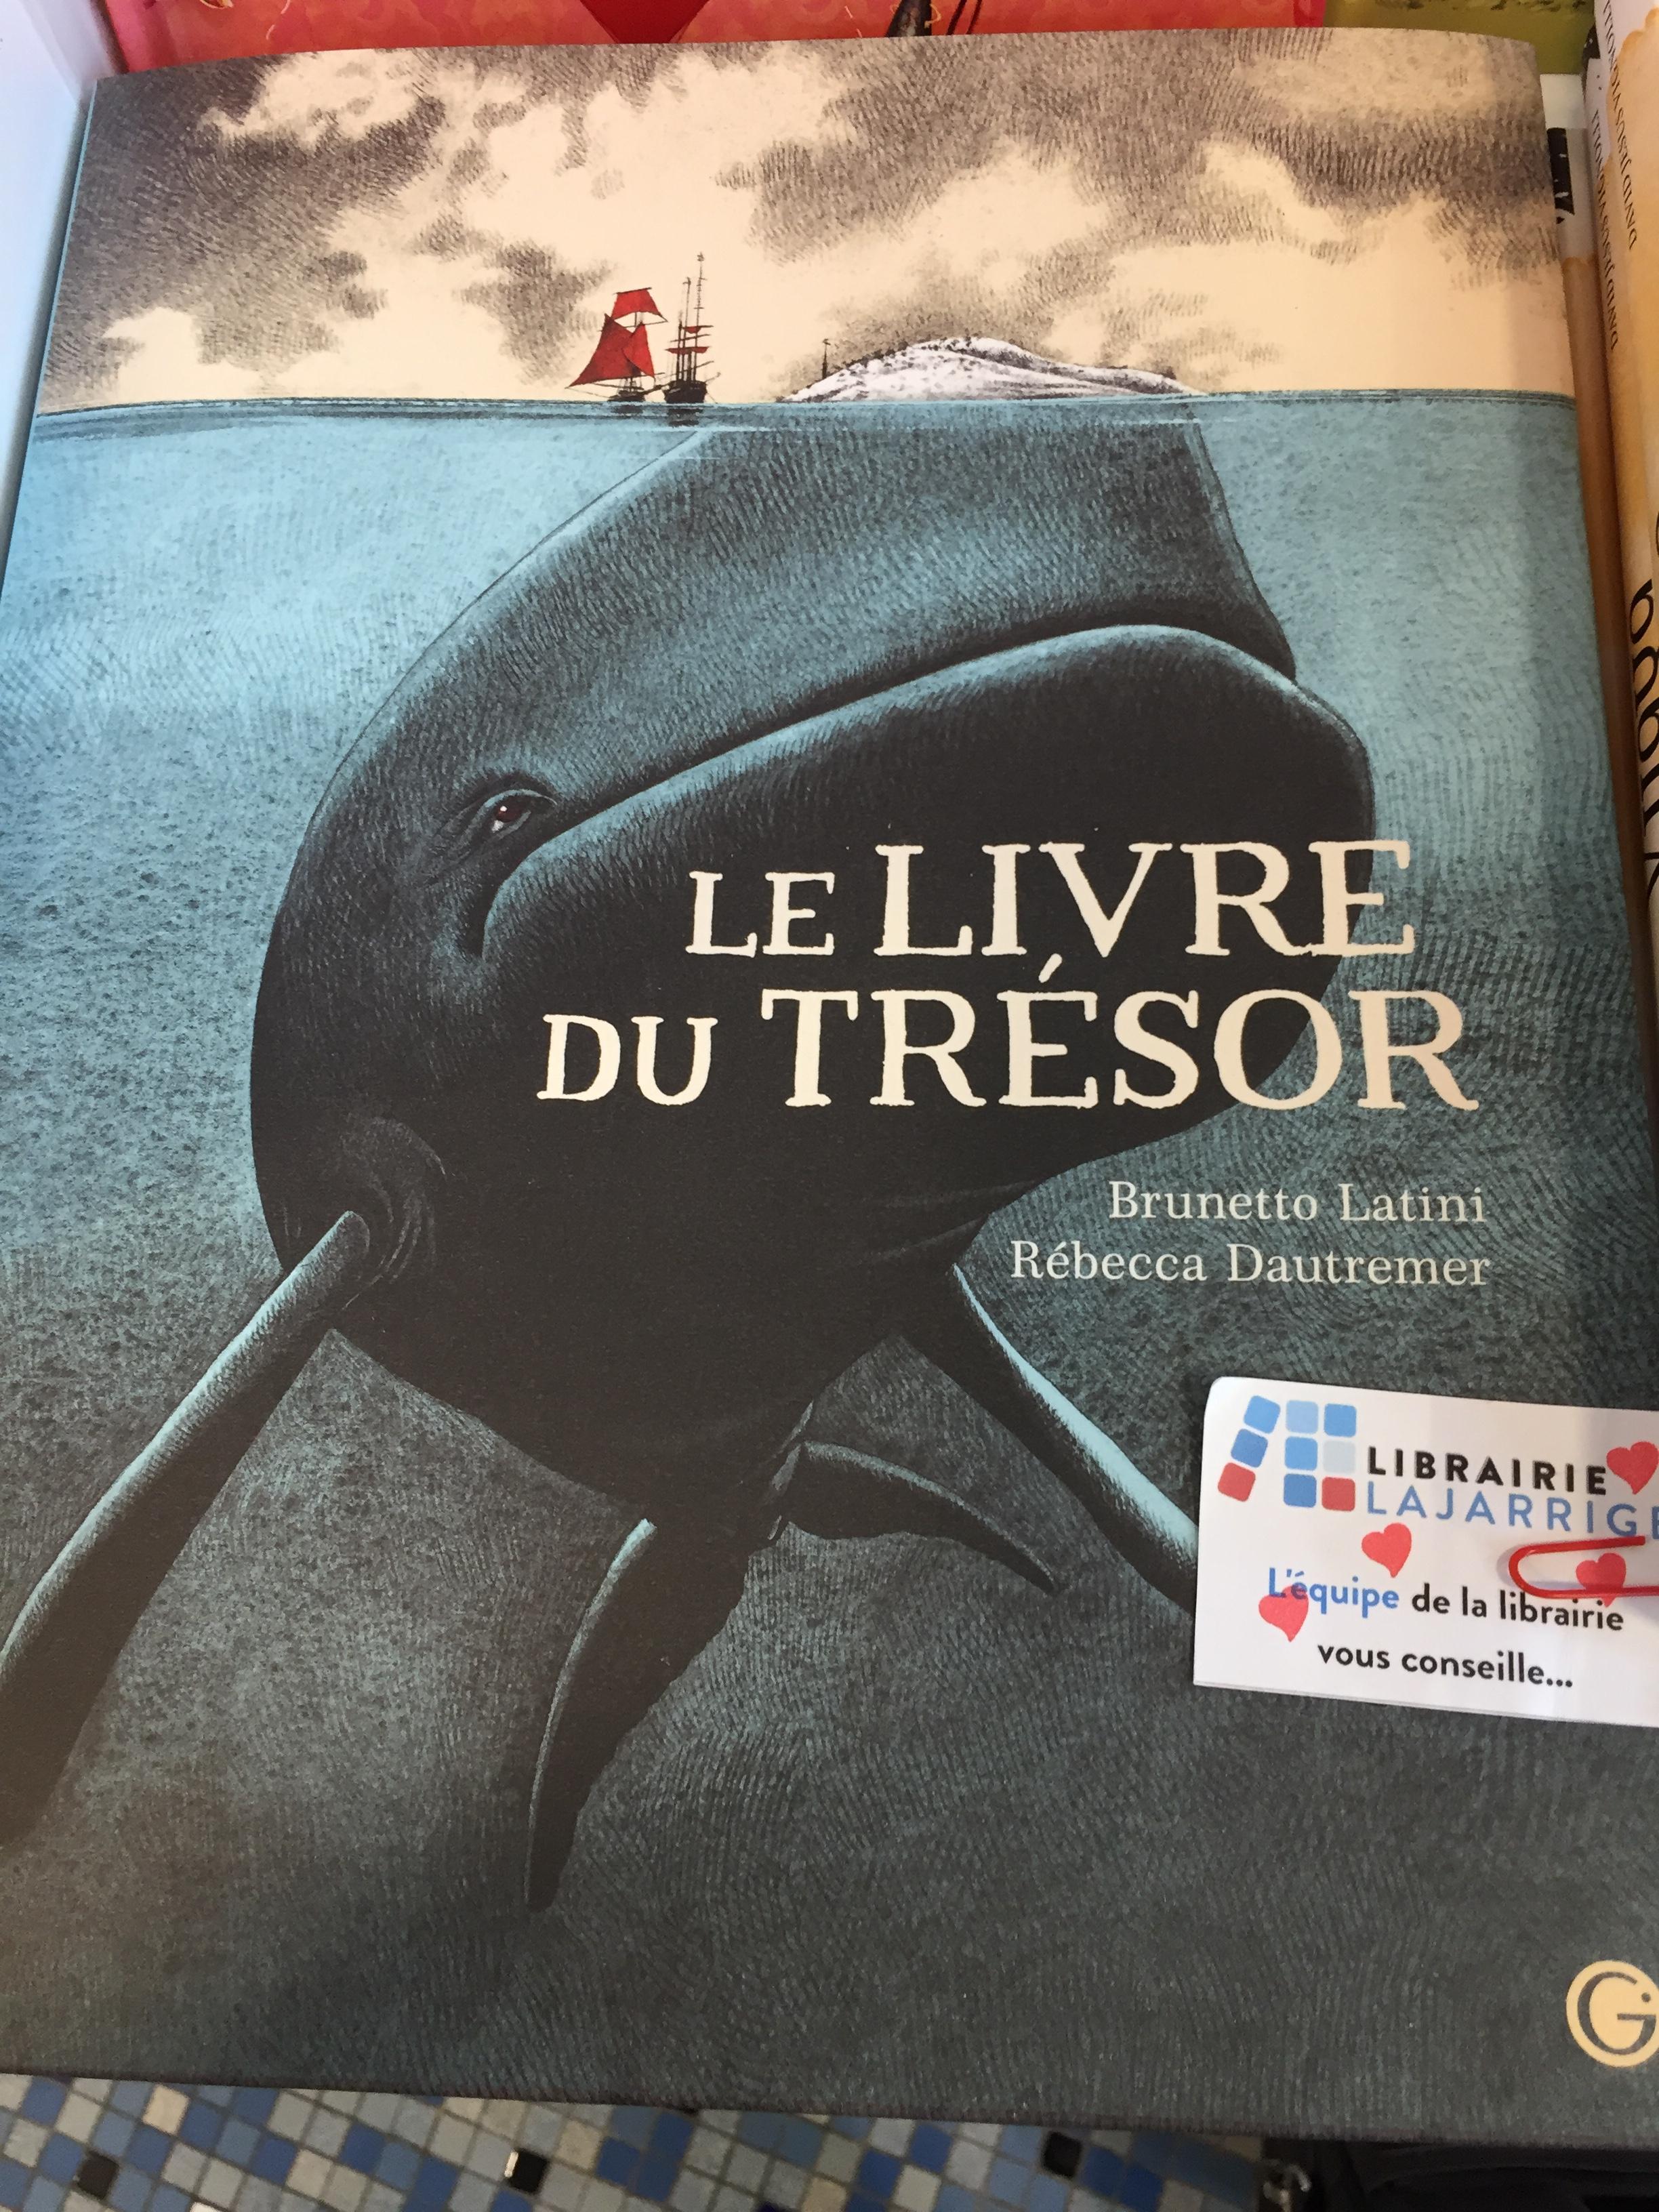 Livre du trésor, Librairie Lajarrige à La Baule-Escoublac